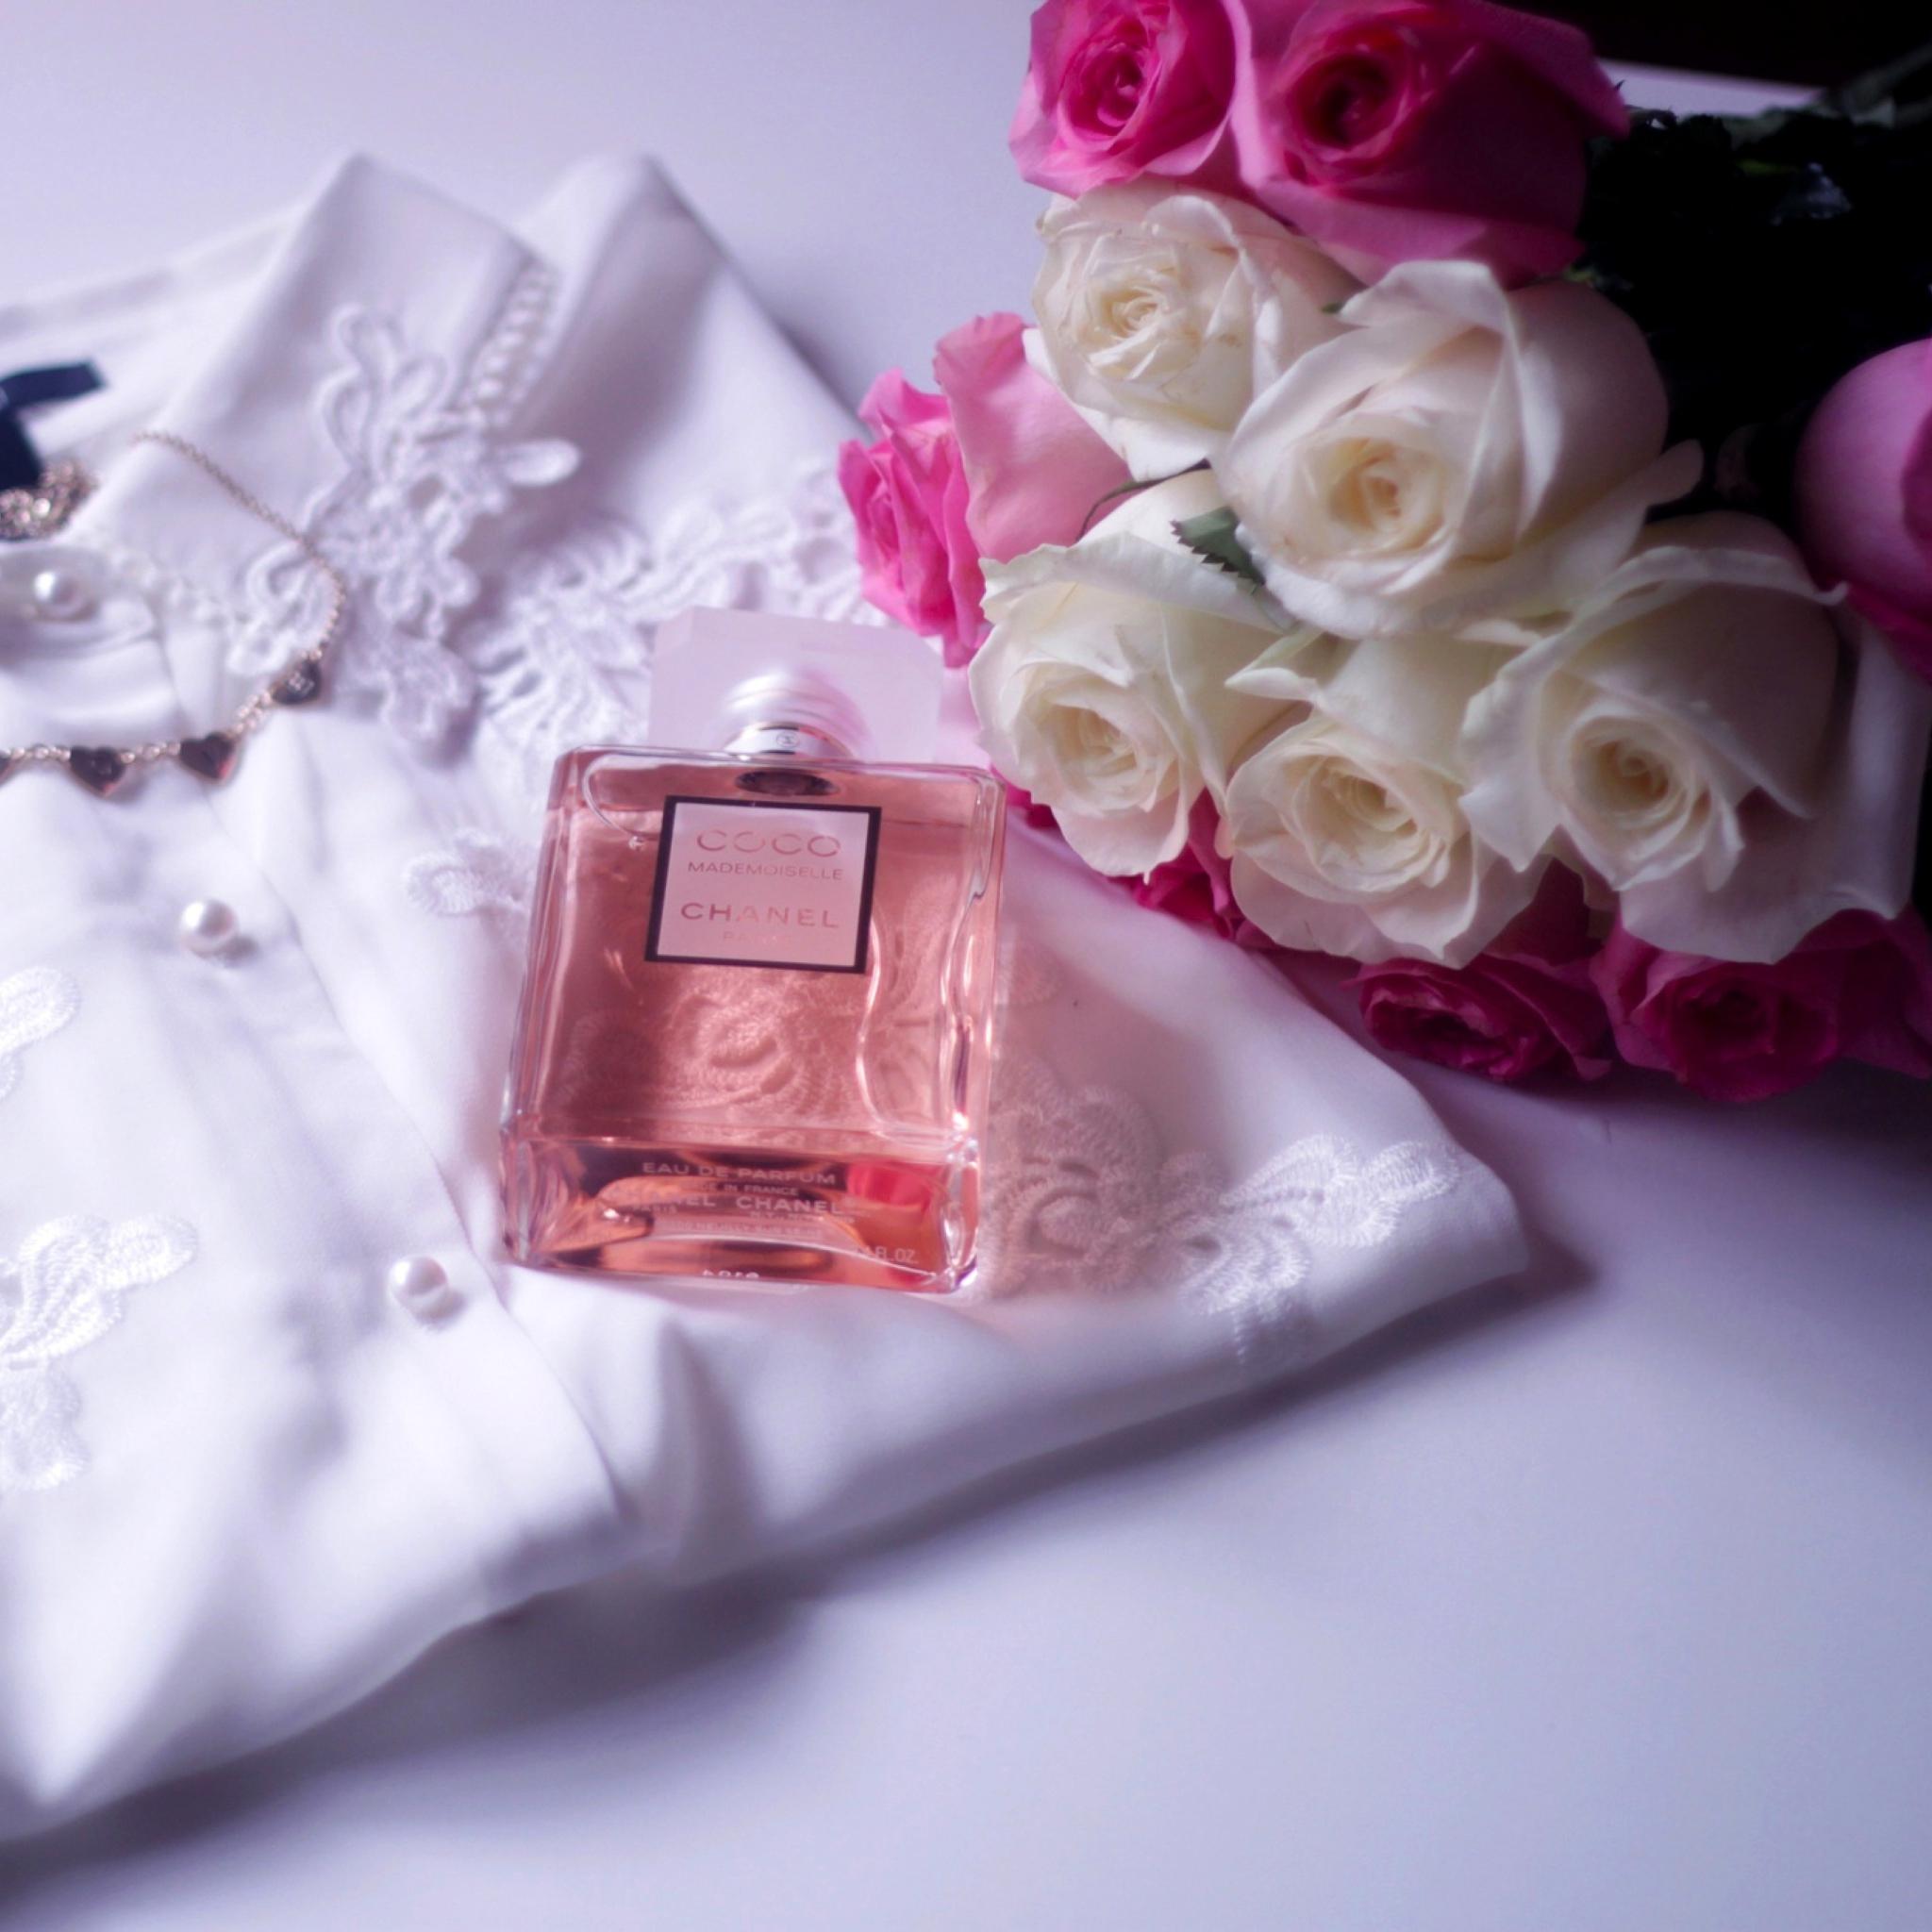 Картинки с парфюмерией в одном цвете